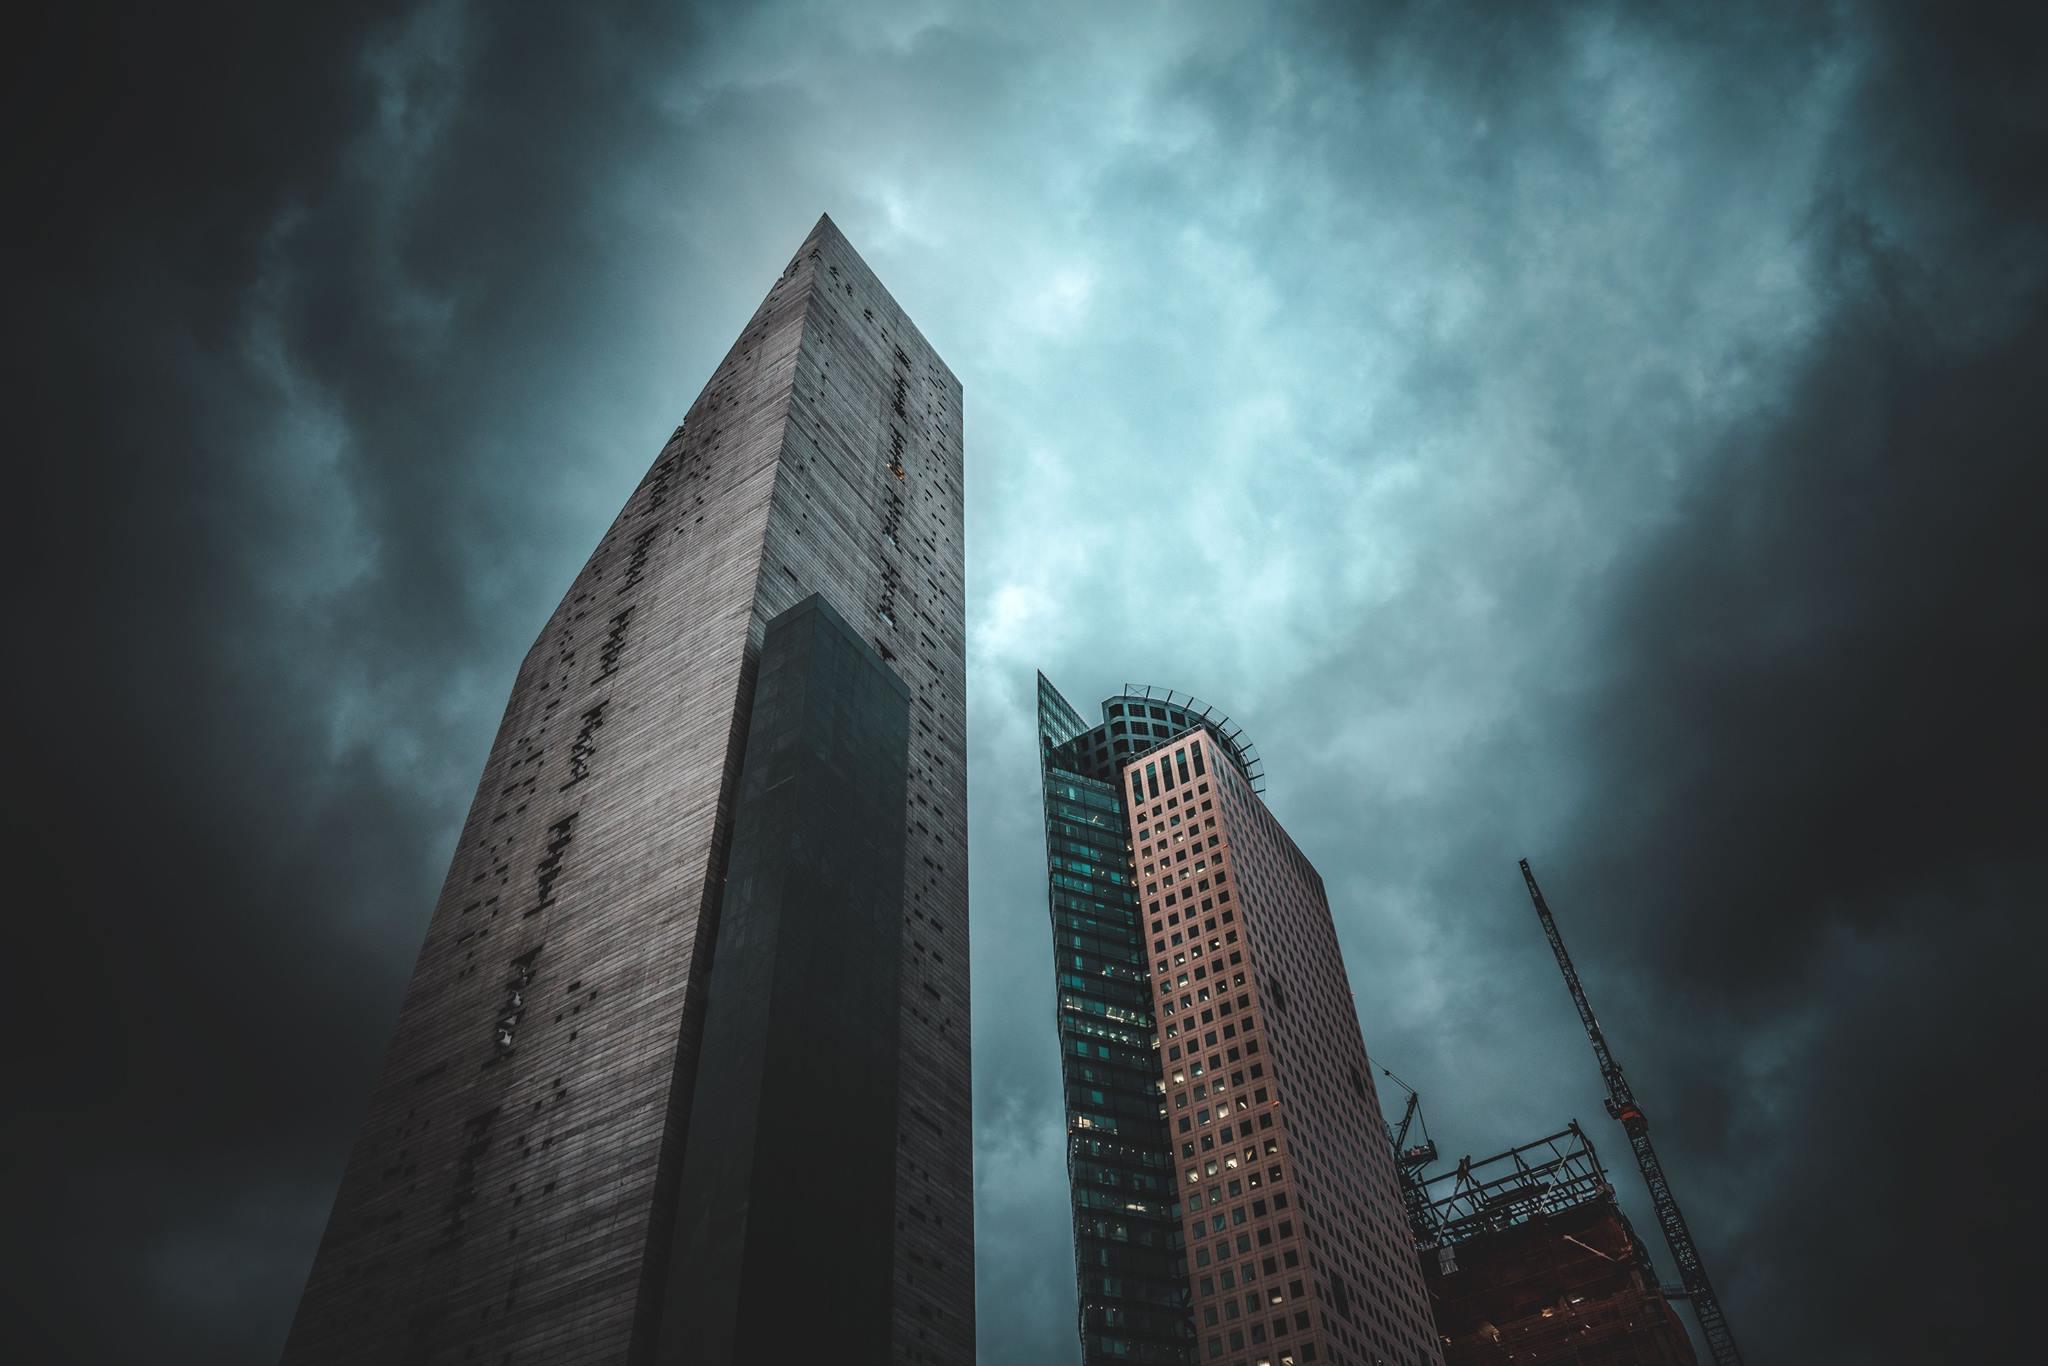 Torre-reforma-cdmx-arus-global-1